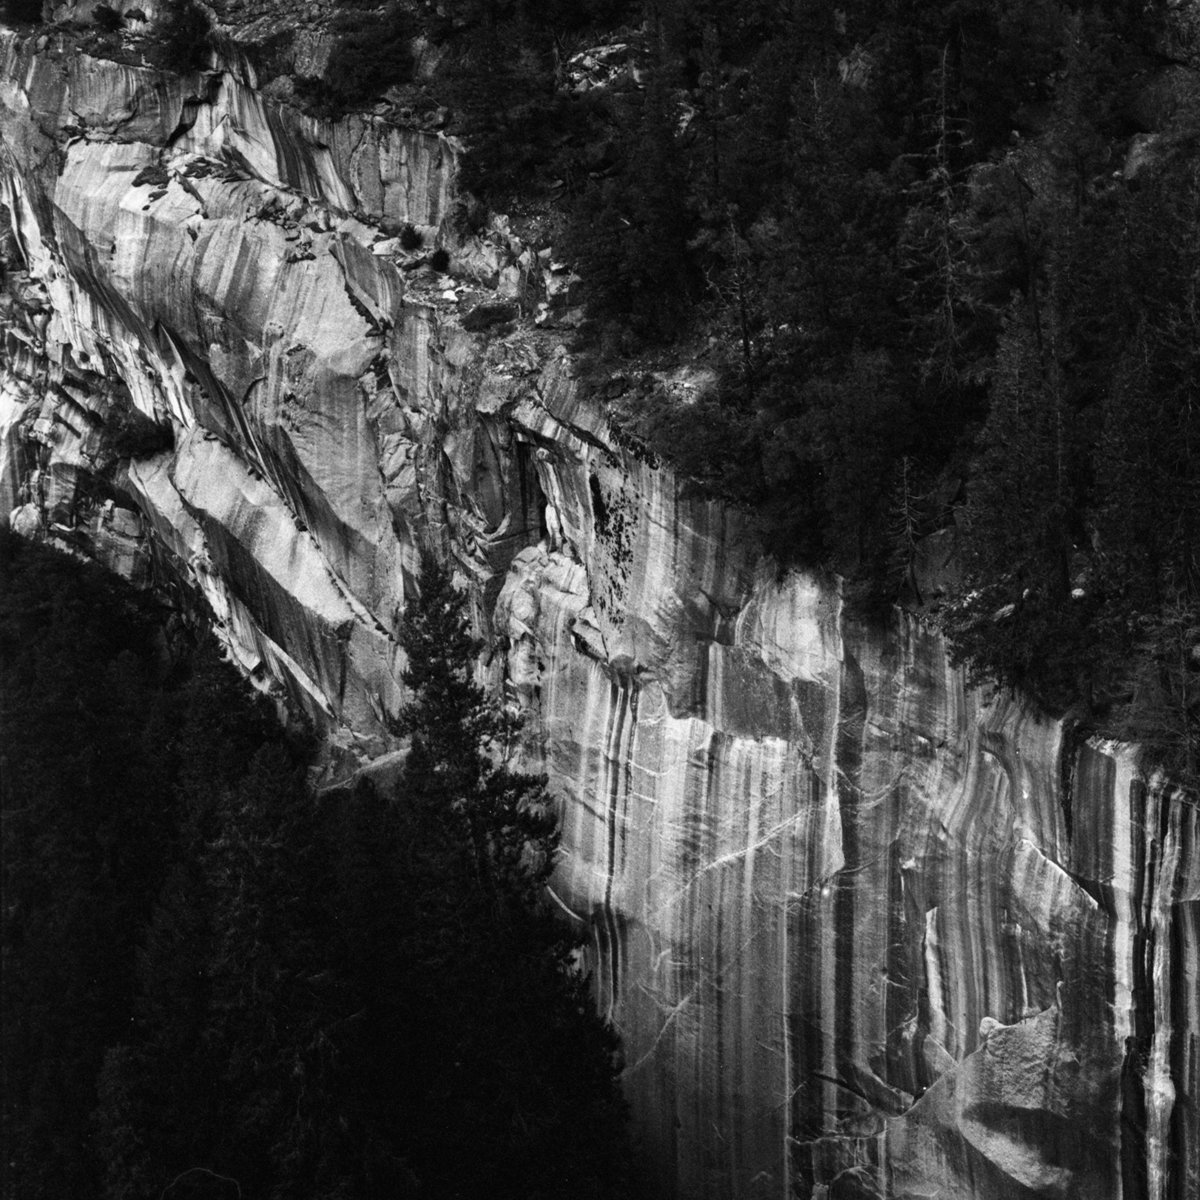 141228_Yosemite_019_cropped_v4.jpg